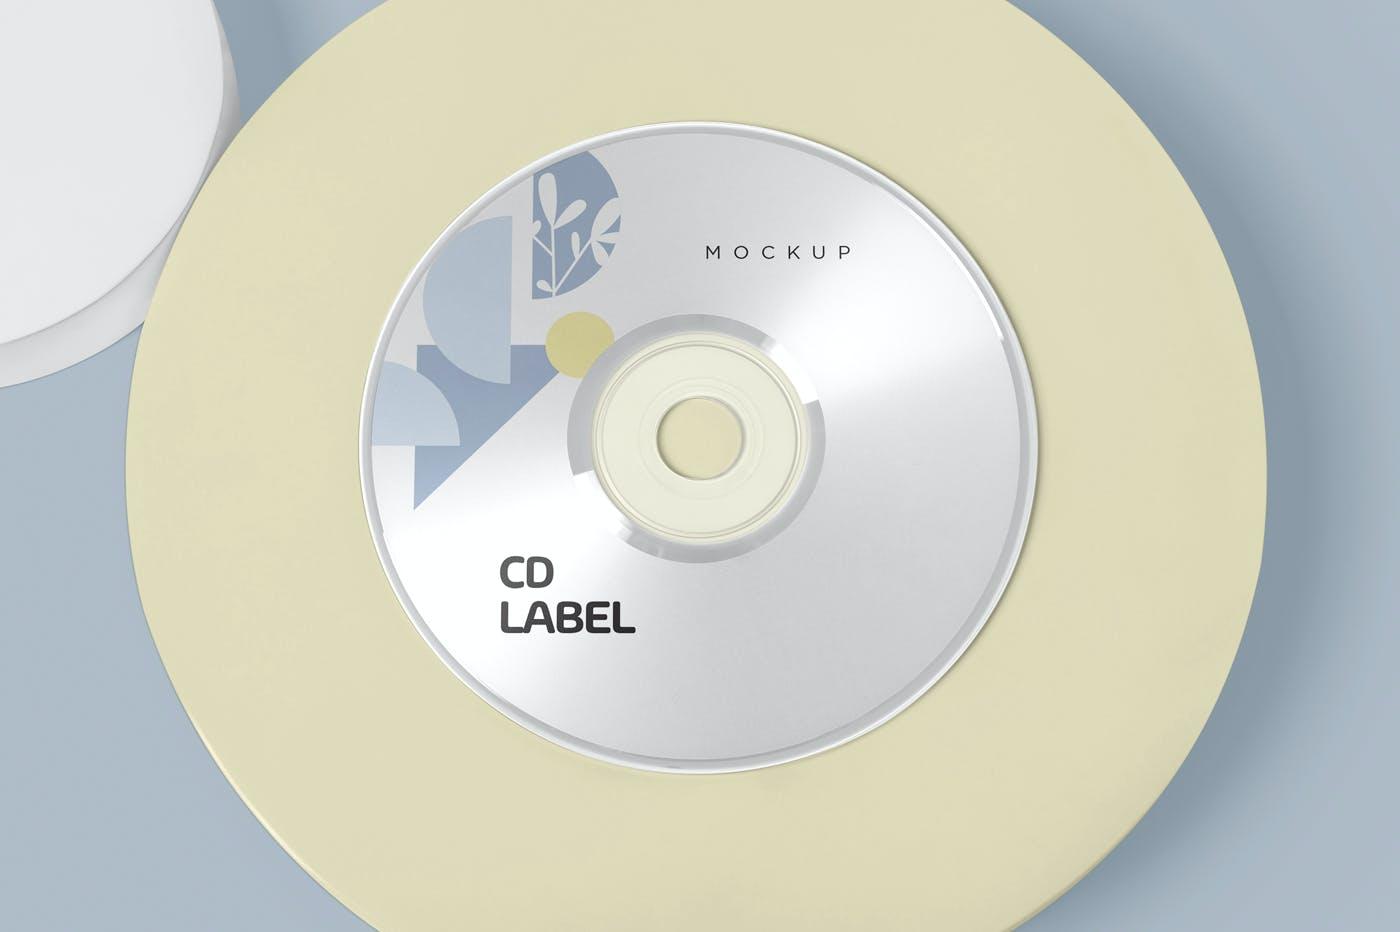 古典音乐CD标签和包装盒样机模版素材9GZQ7EC插图(4)